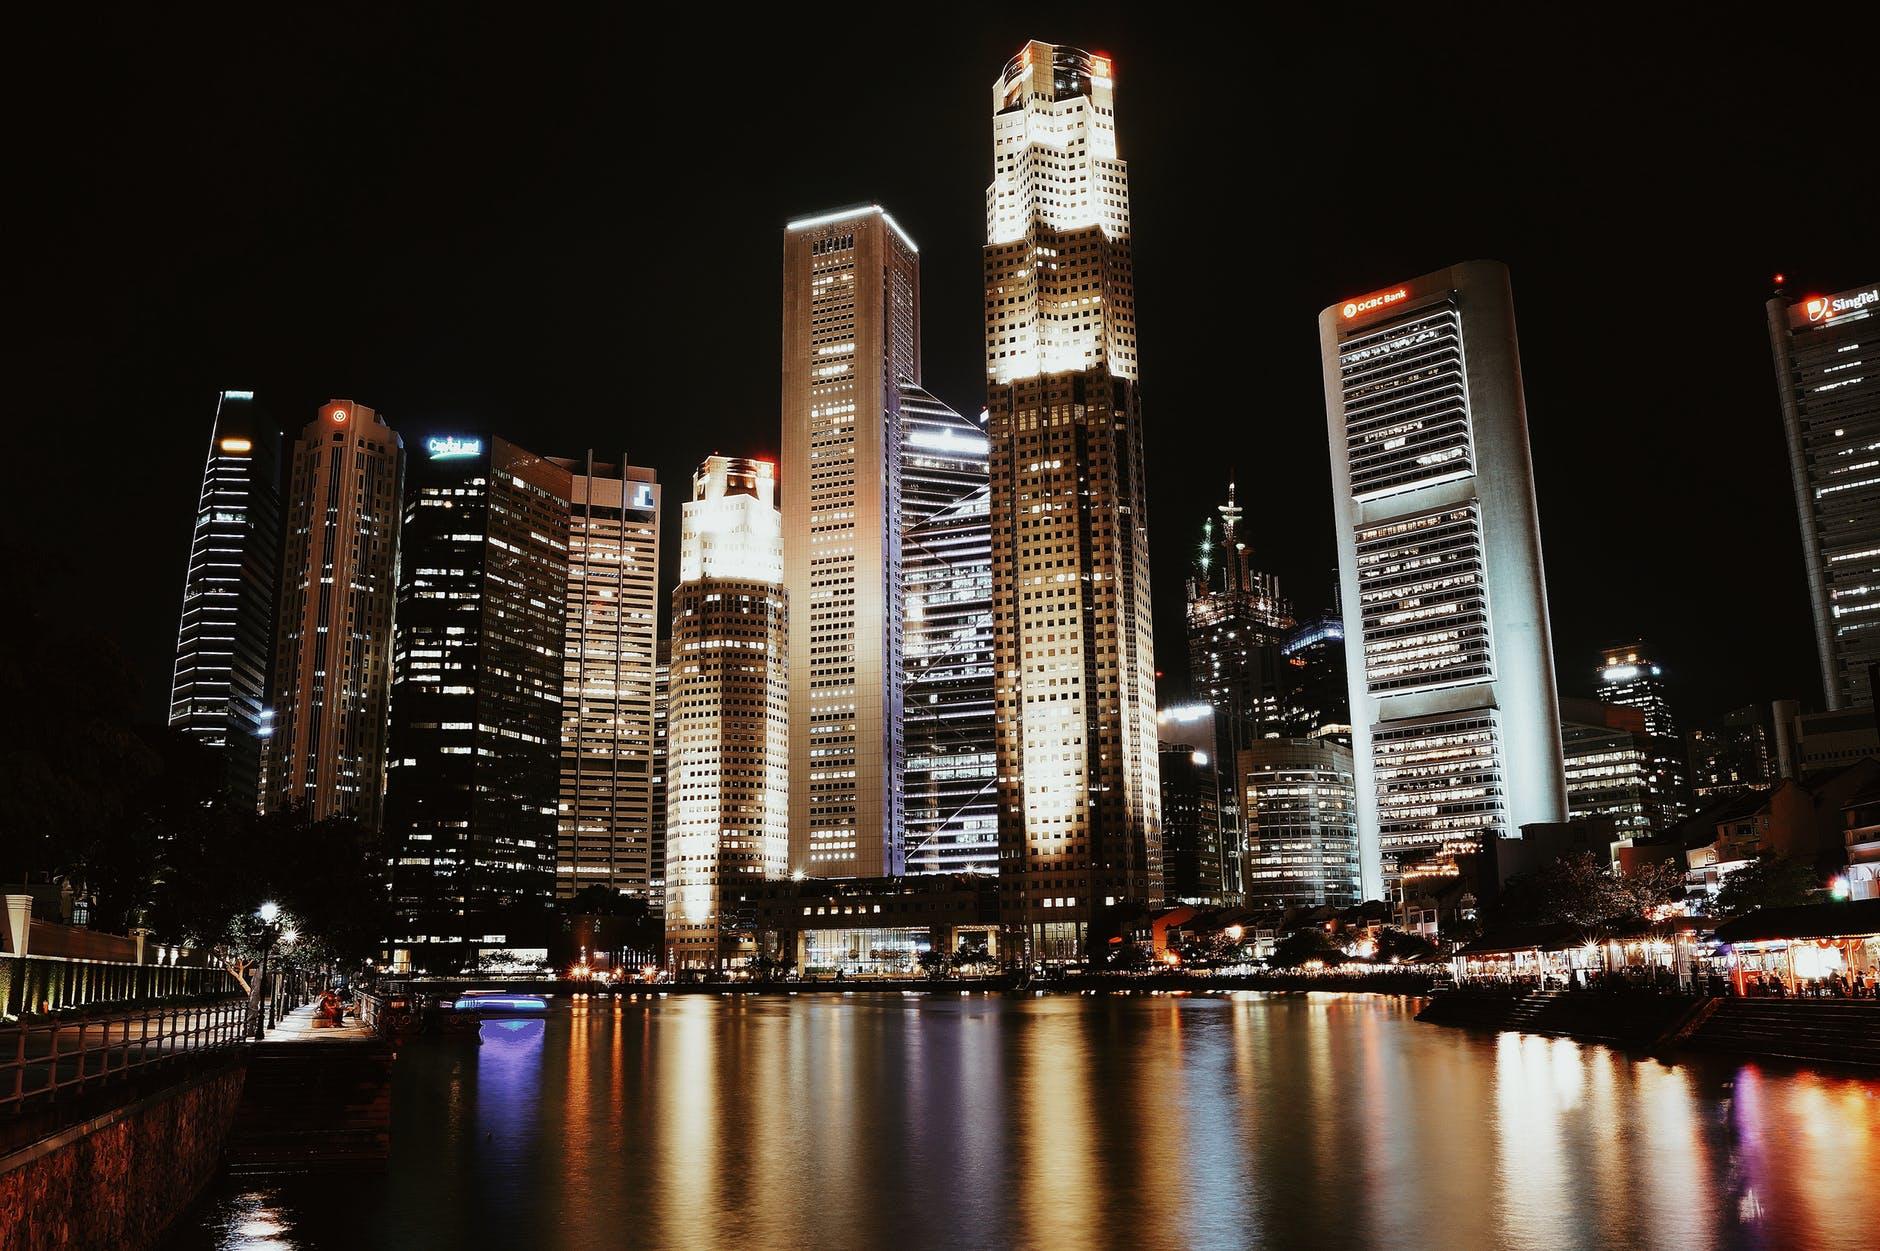 Регистрируем свой ИТ-бизнес в Сингапуре: what should I do?